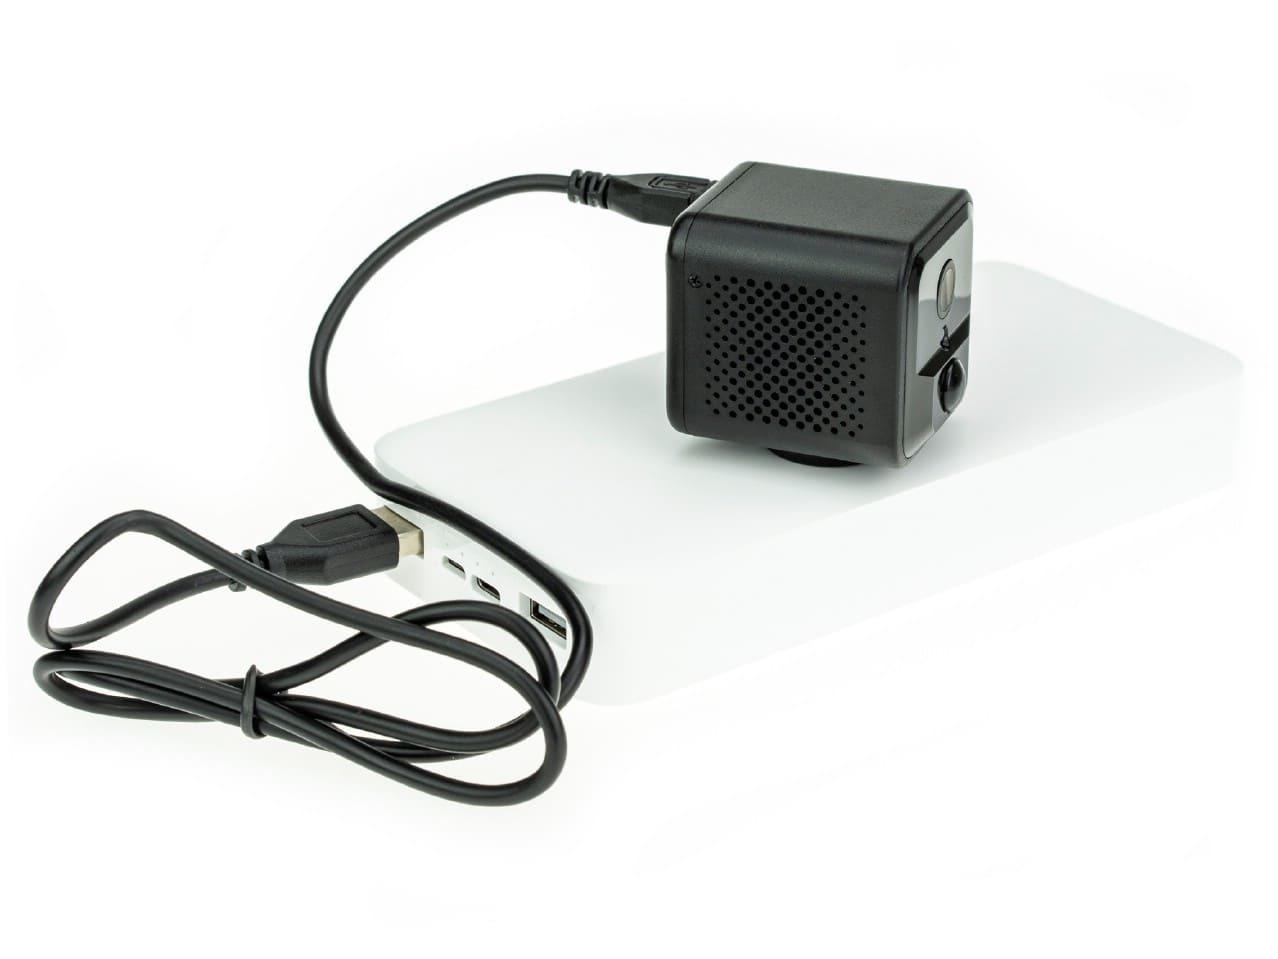 Беспроводная IP камера Ambertek Q85S FOWL c датчиком движения